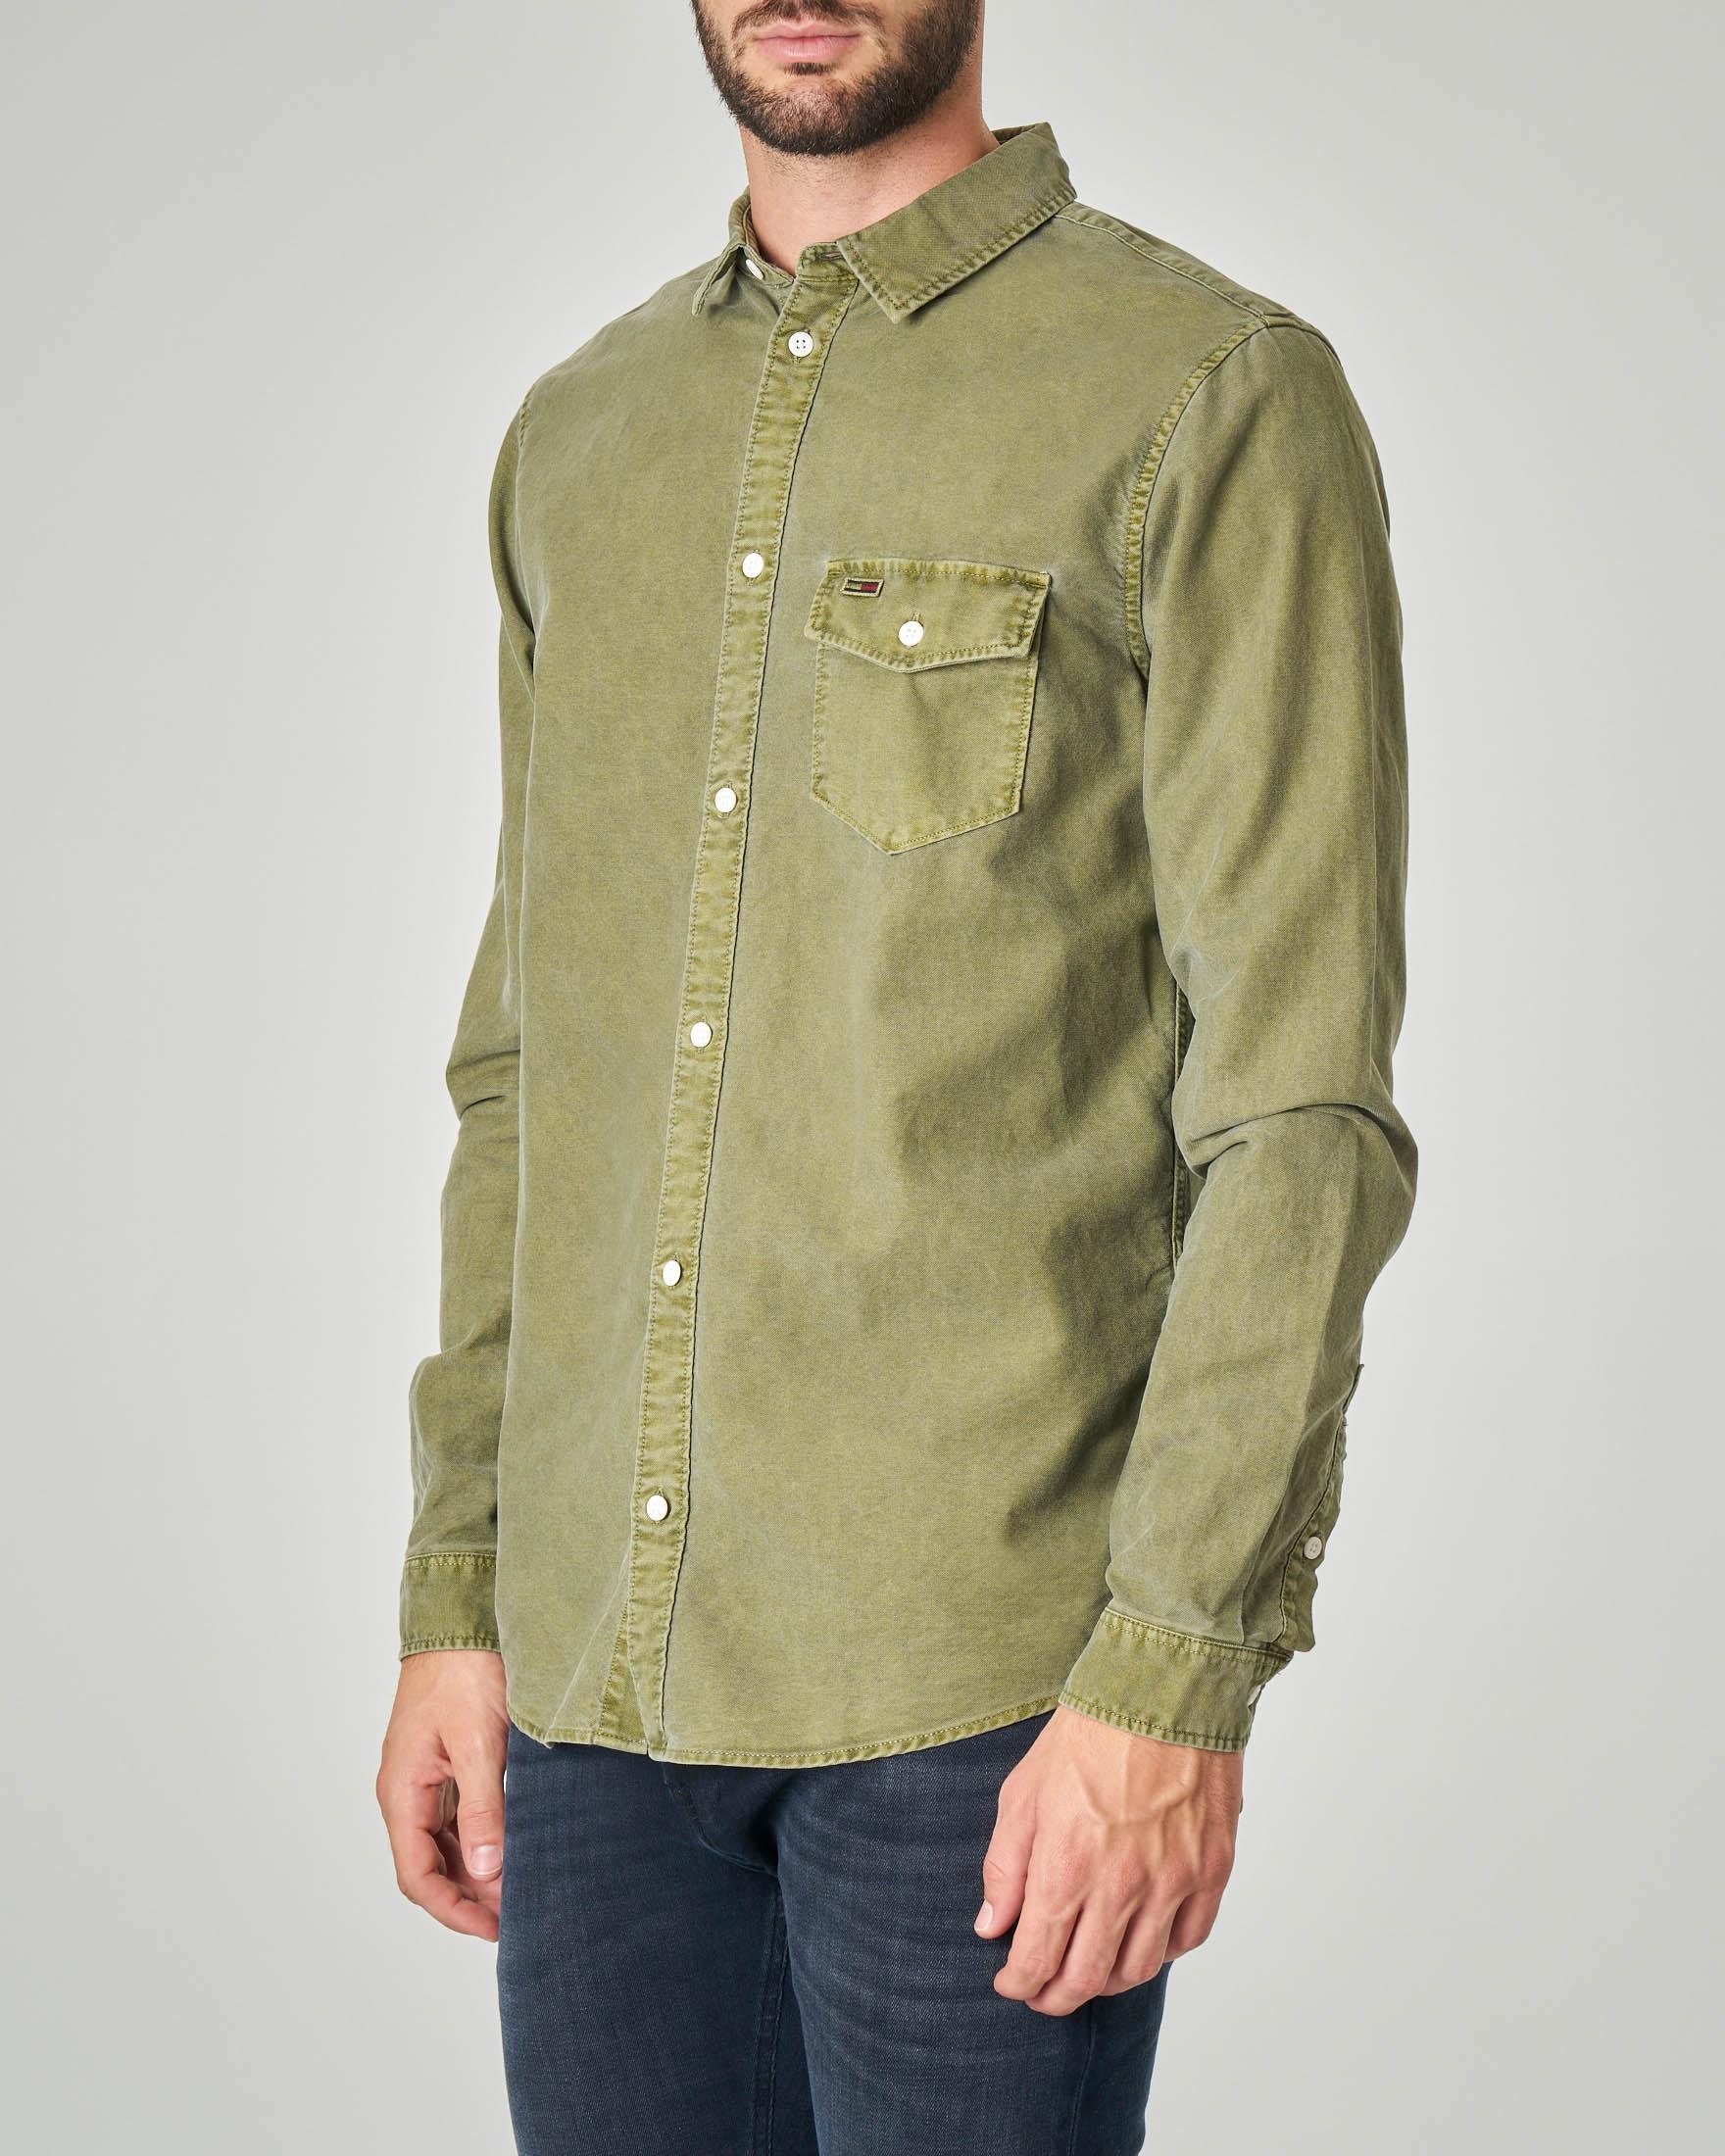 Camicia verde militare in oxford lavato effetto vintage